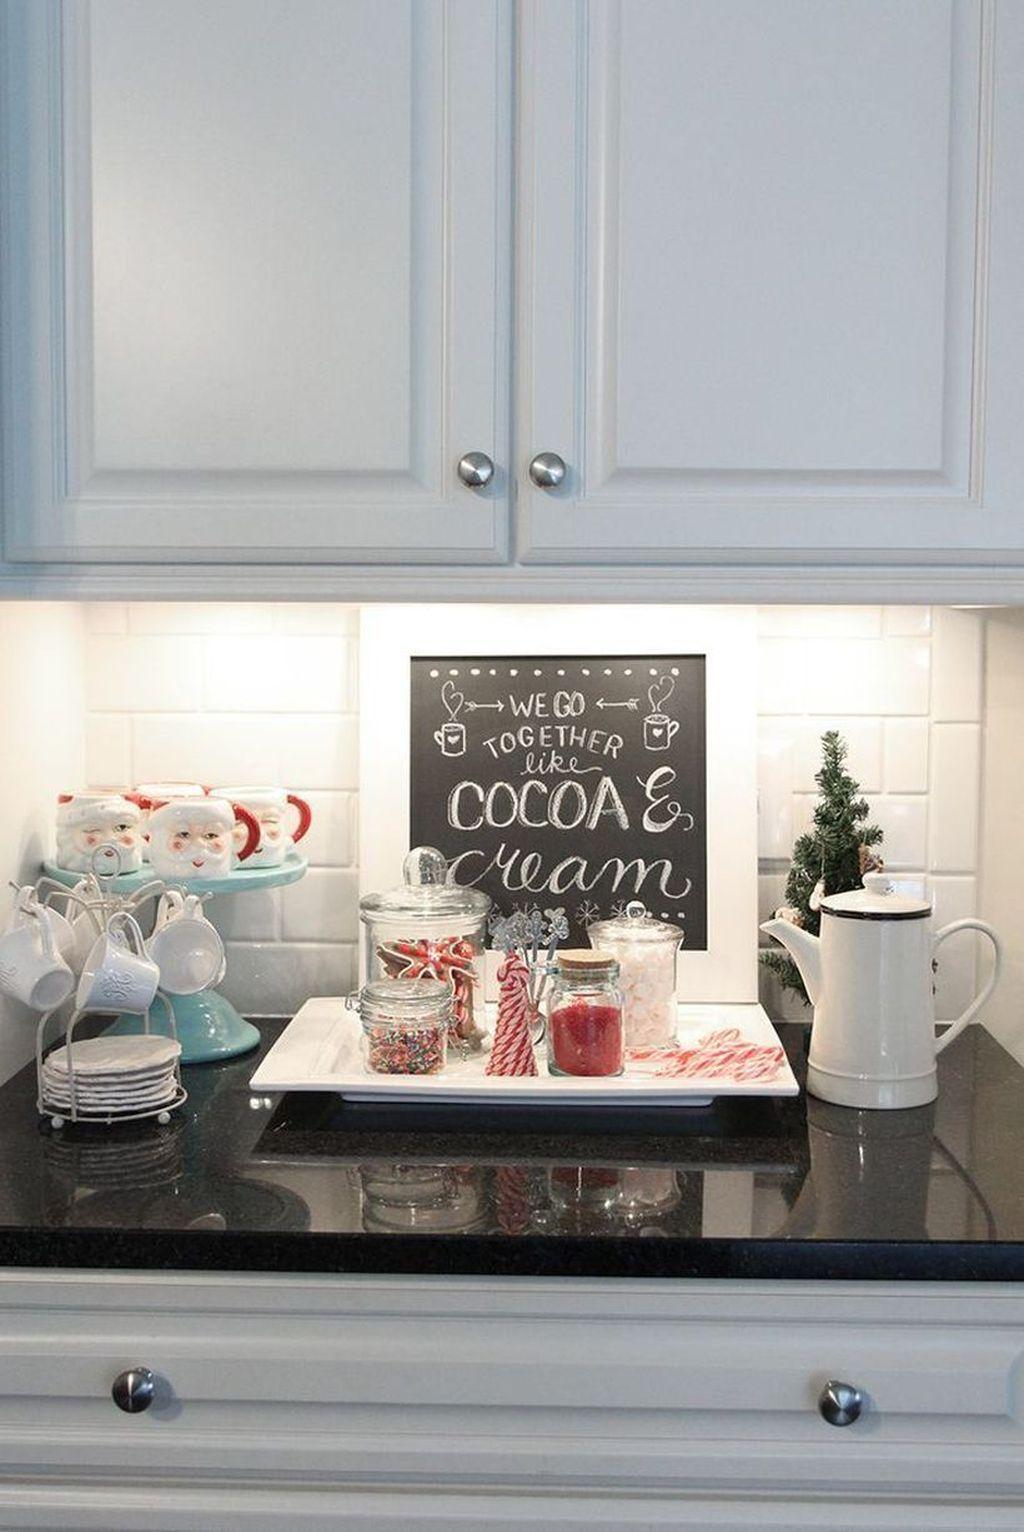 Awesome Christmas Theme Kitchen Decor Ideas 12